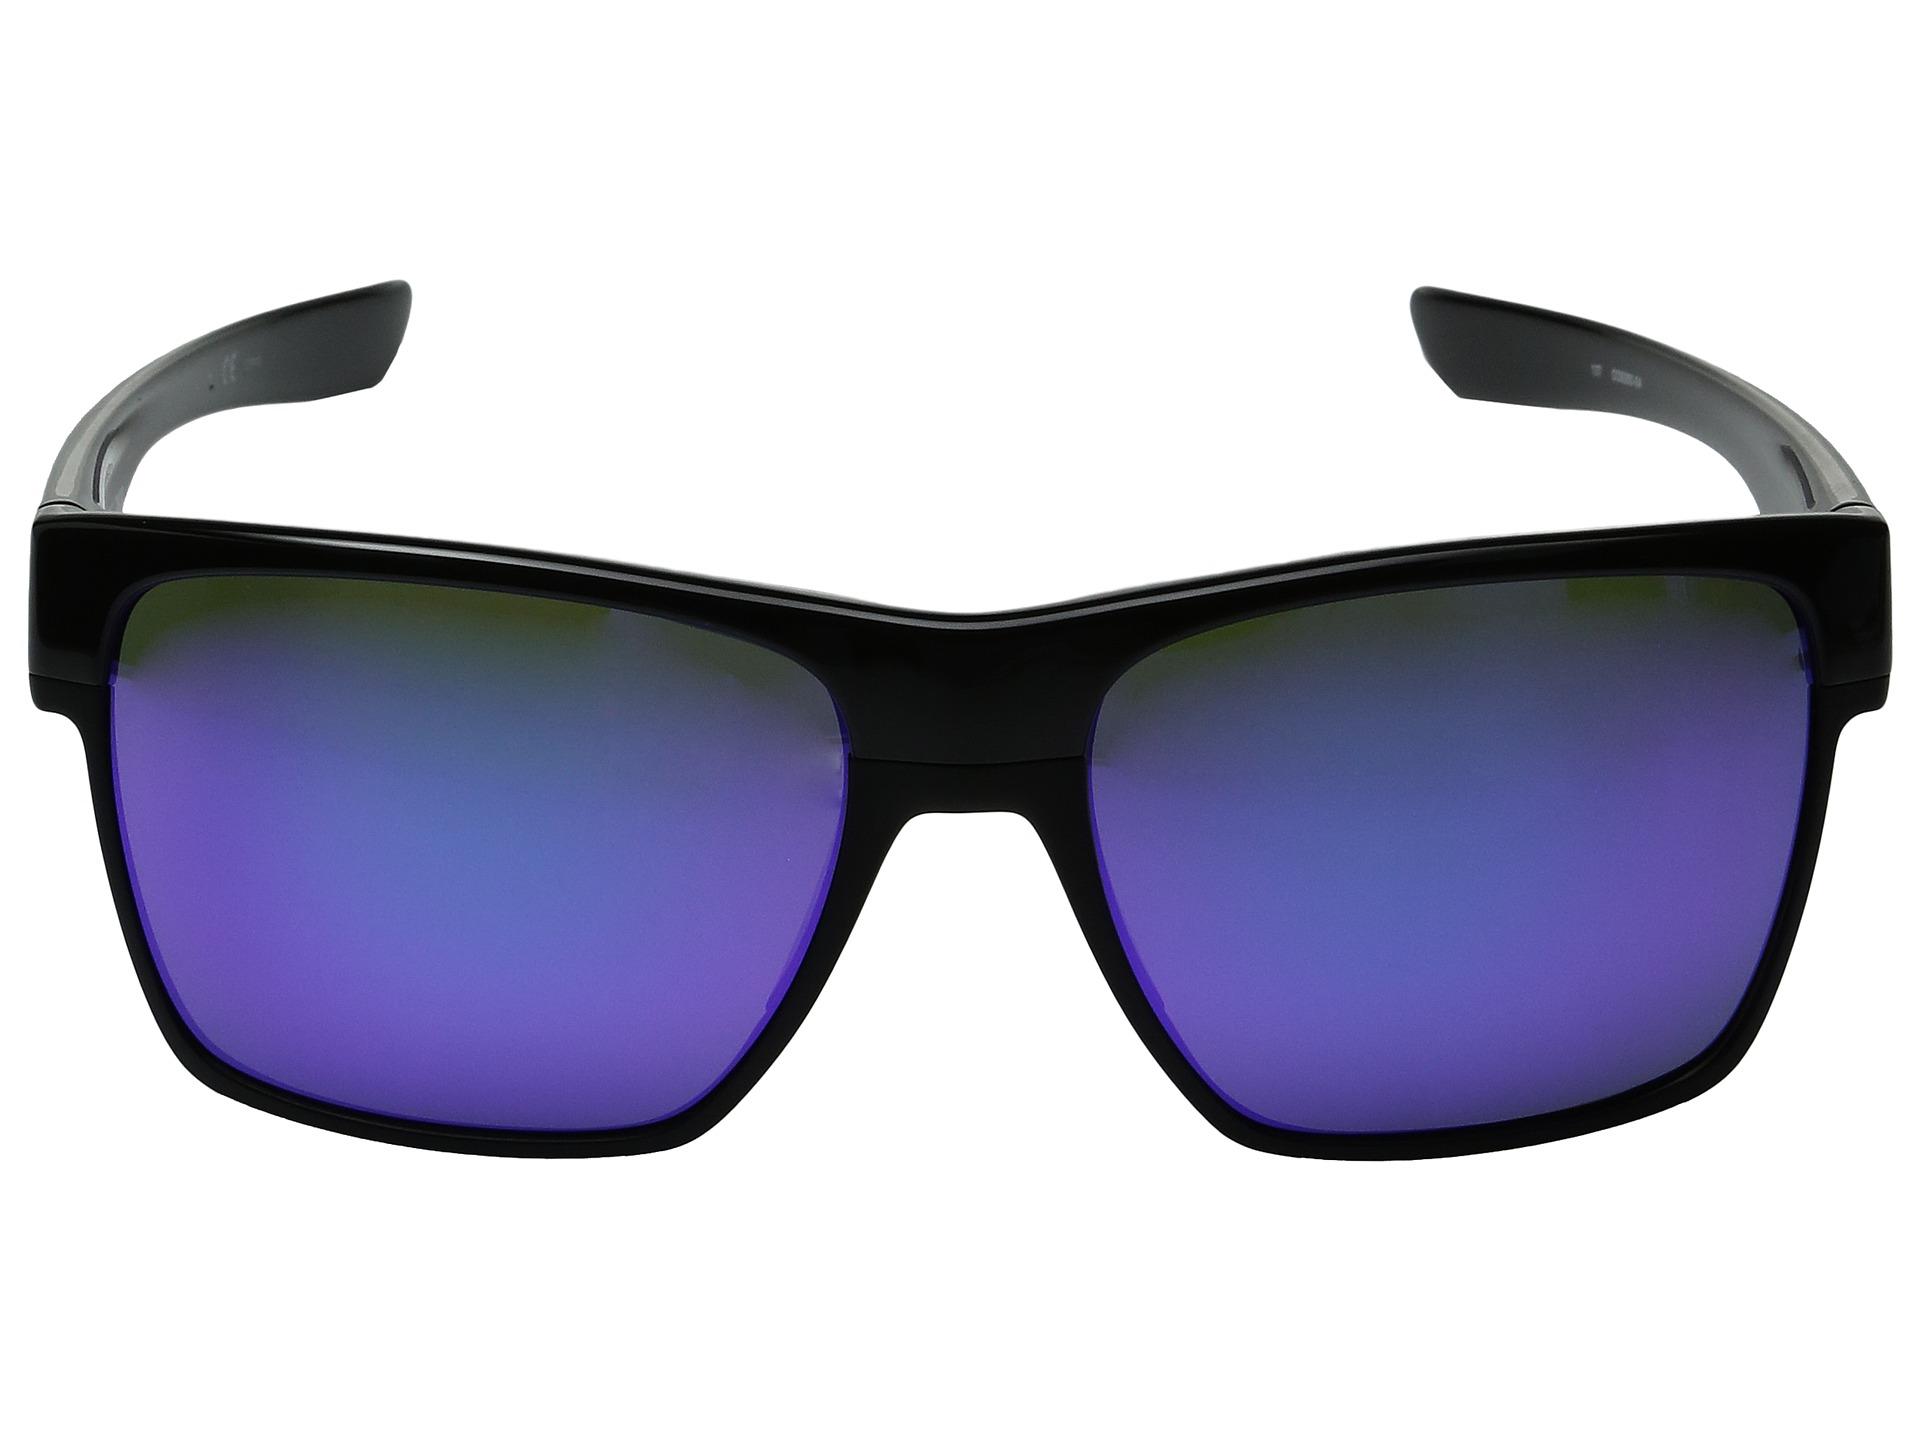 b3104fa96d7 Oakley Two Face Xl Sunglasses